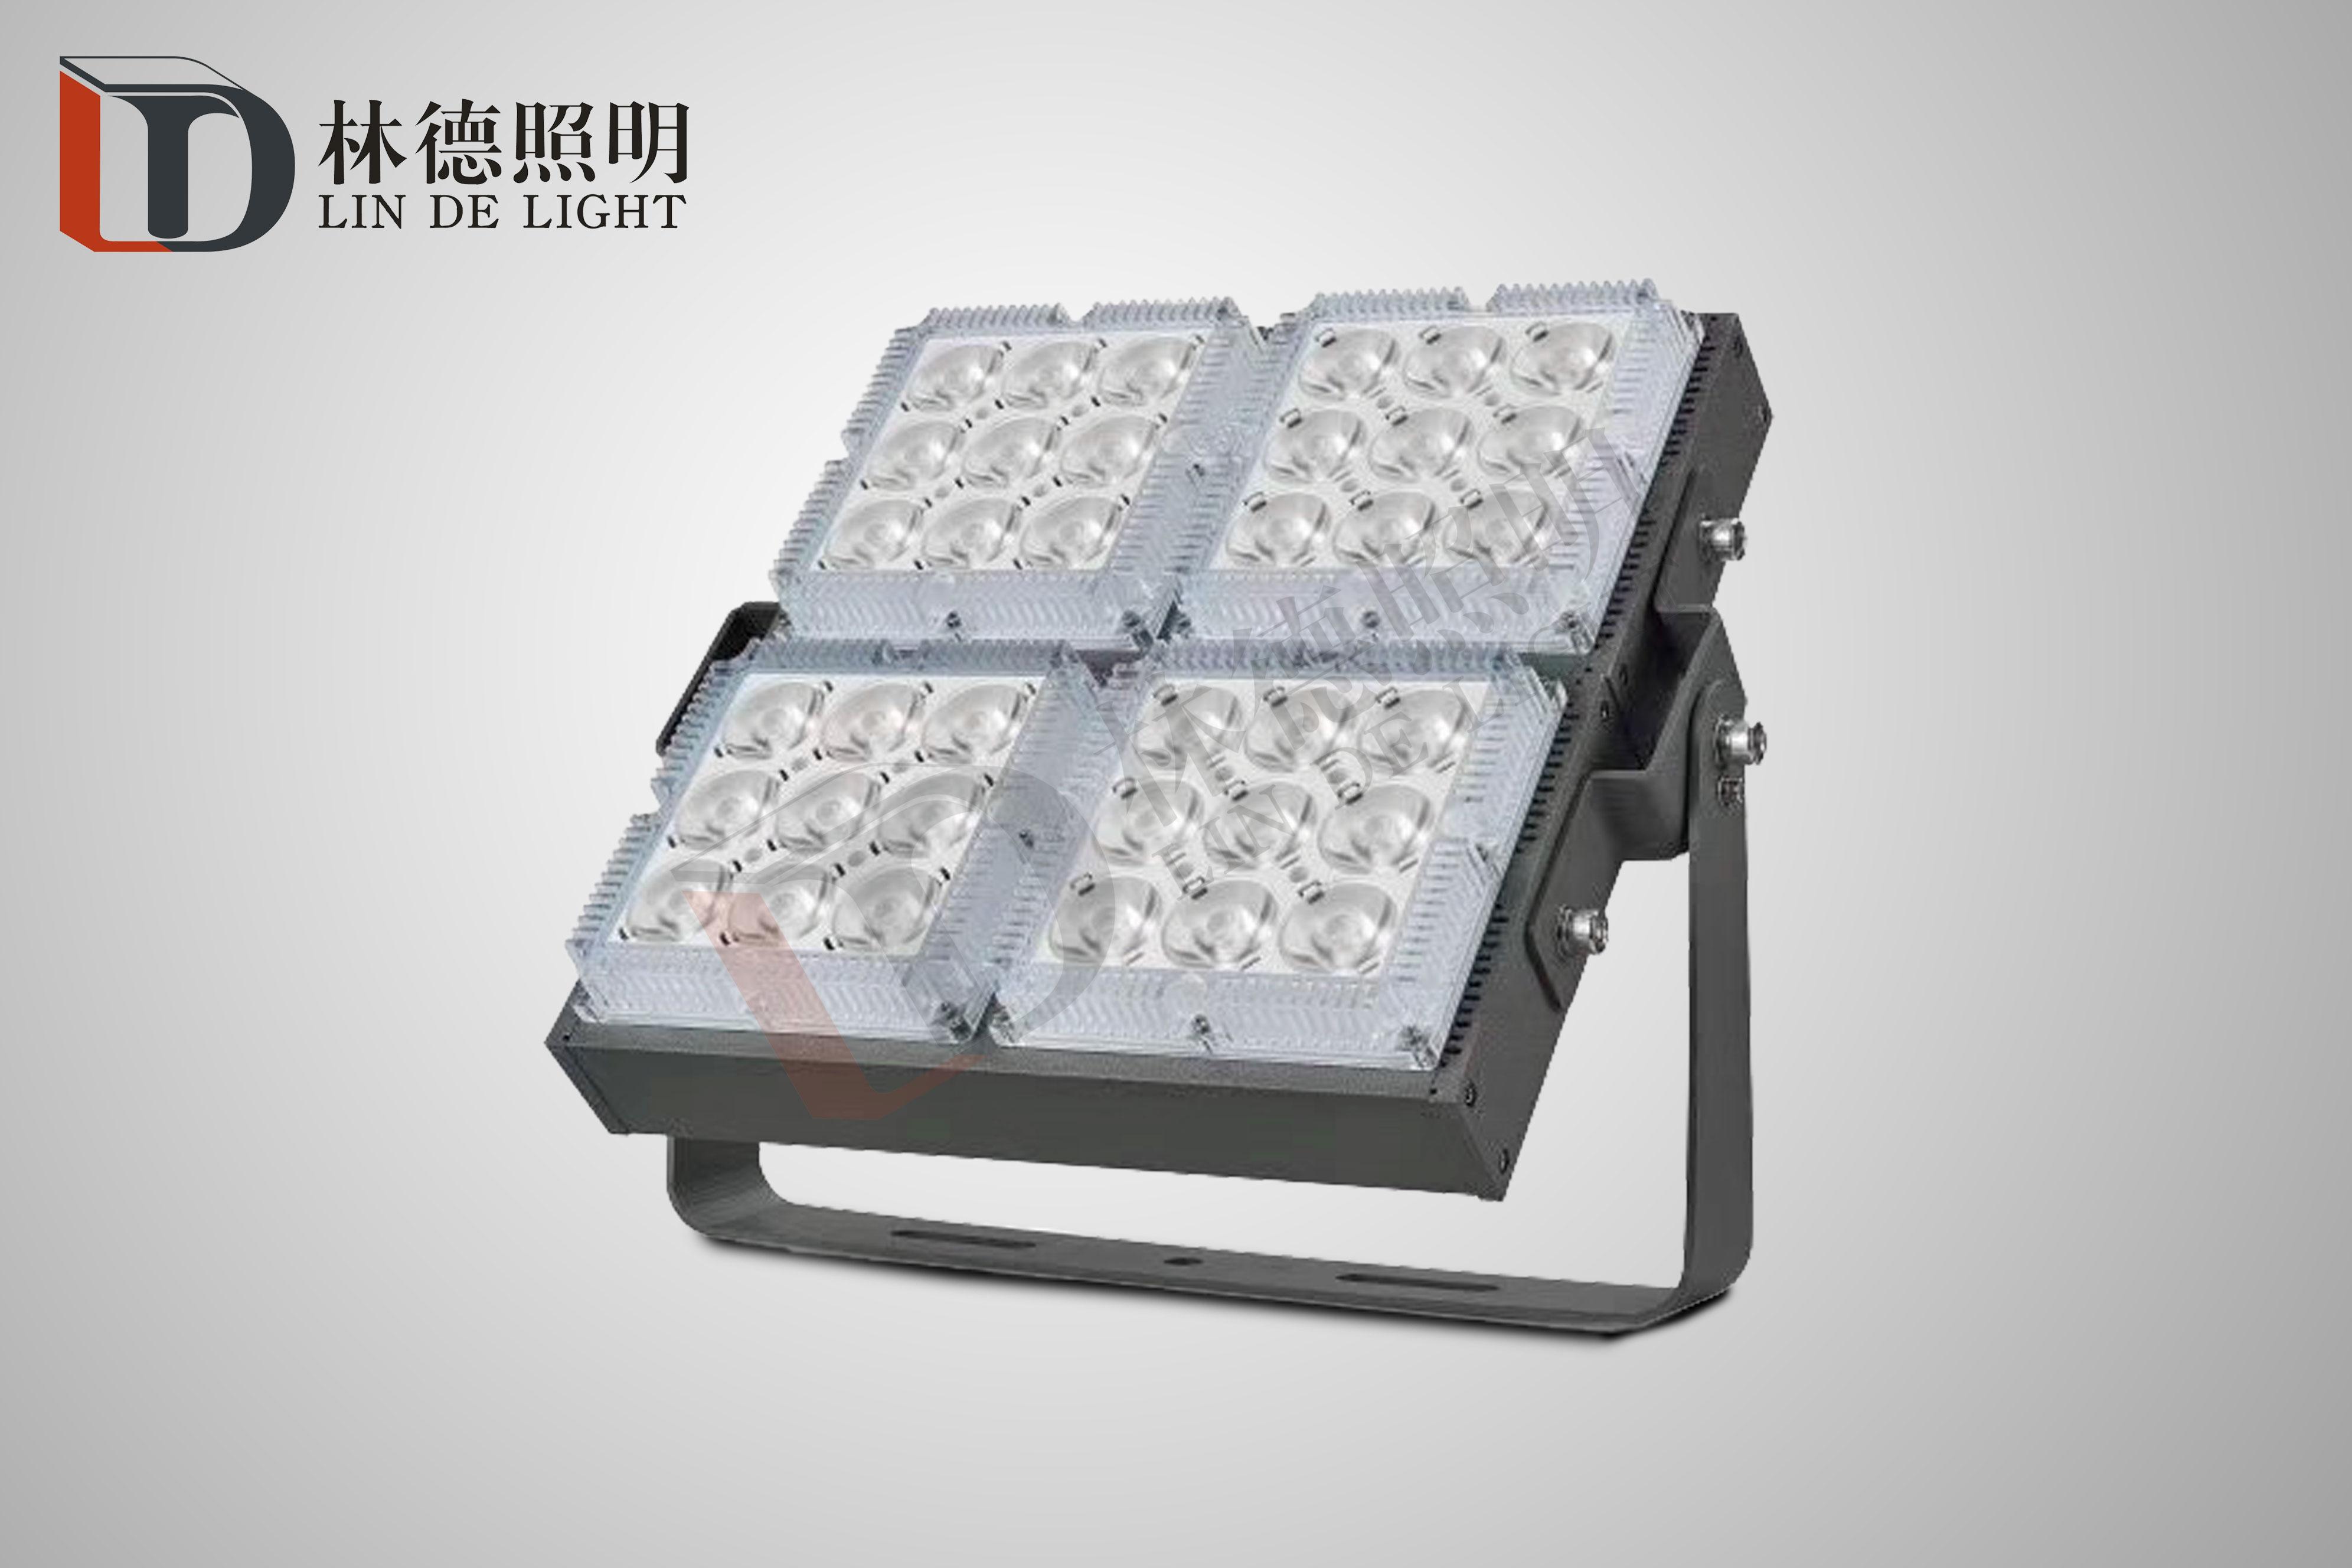 大功率方形投光灯140W